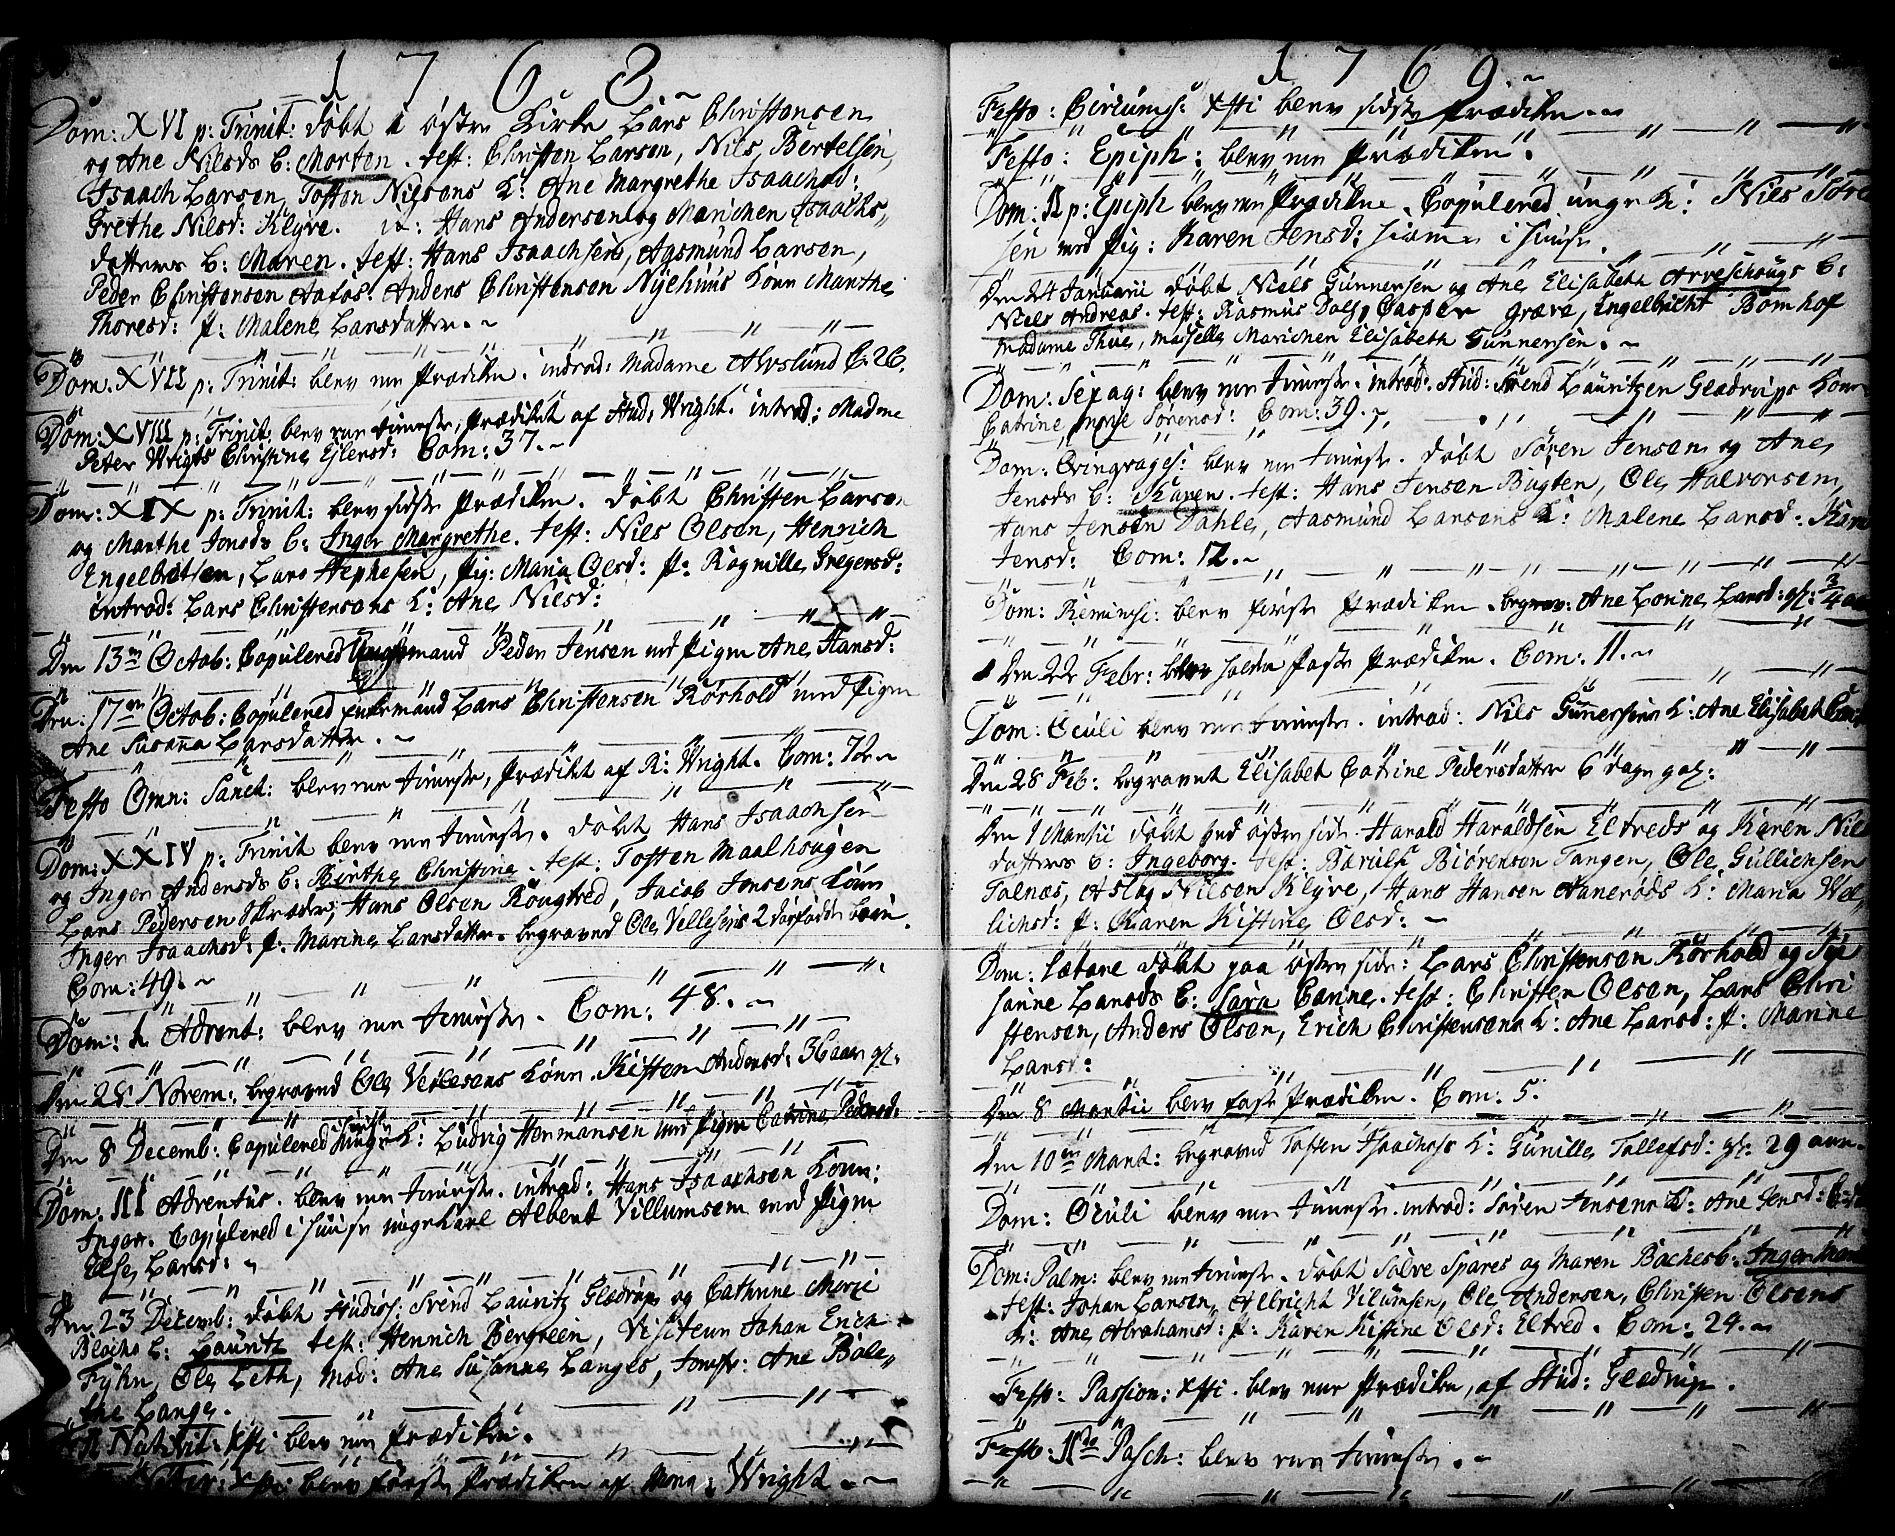 SAKO, Porsgrunn kirkebøker , F/Fa/L0001: Ministerialbok nr. 1, 1764-1814, s. 30-31